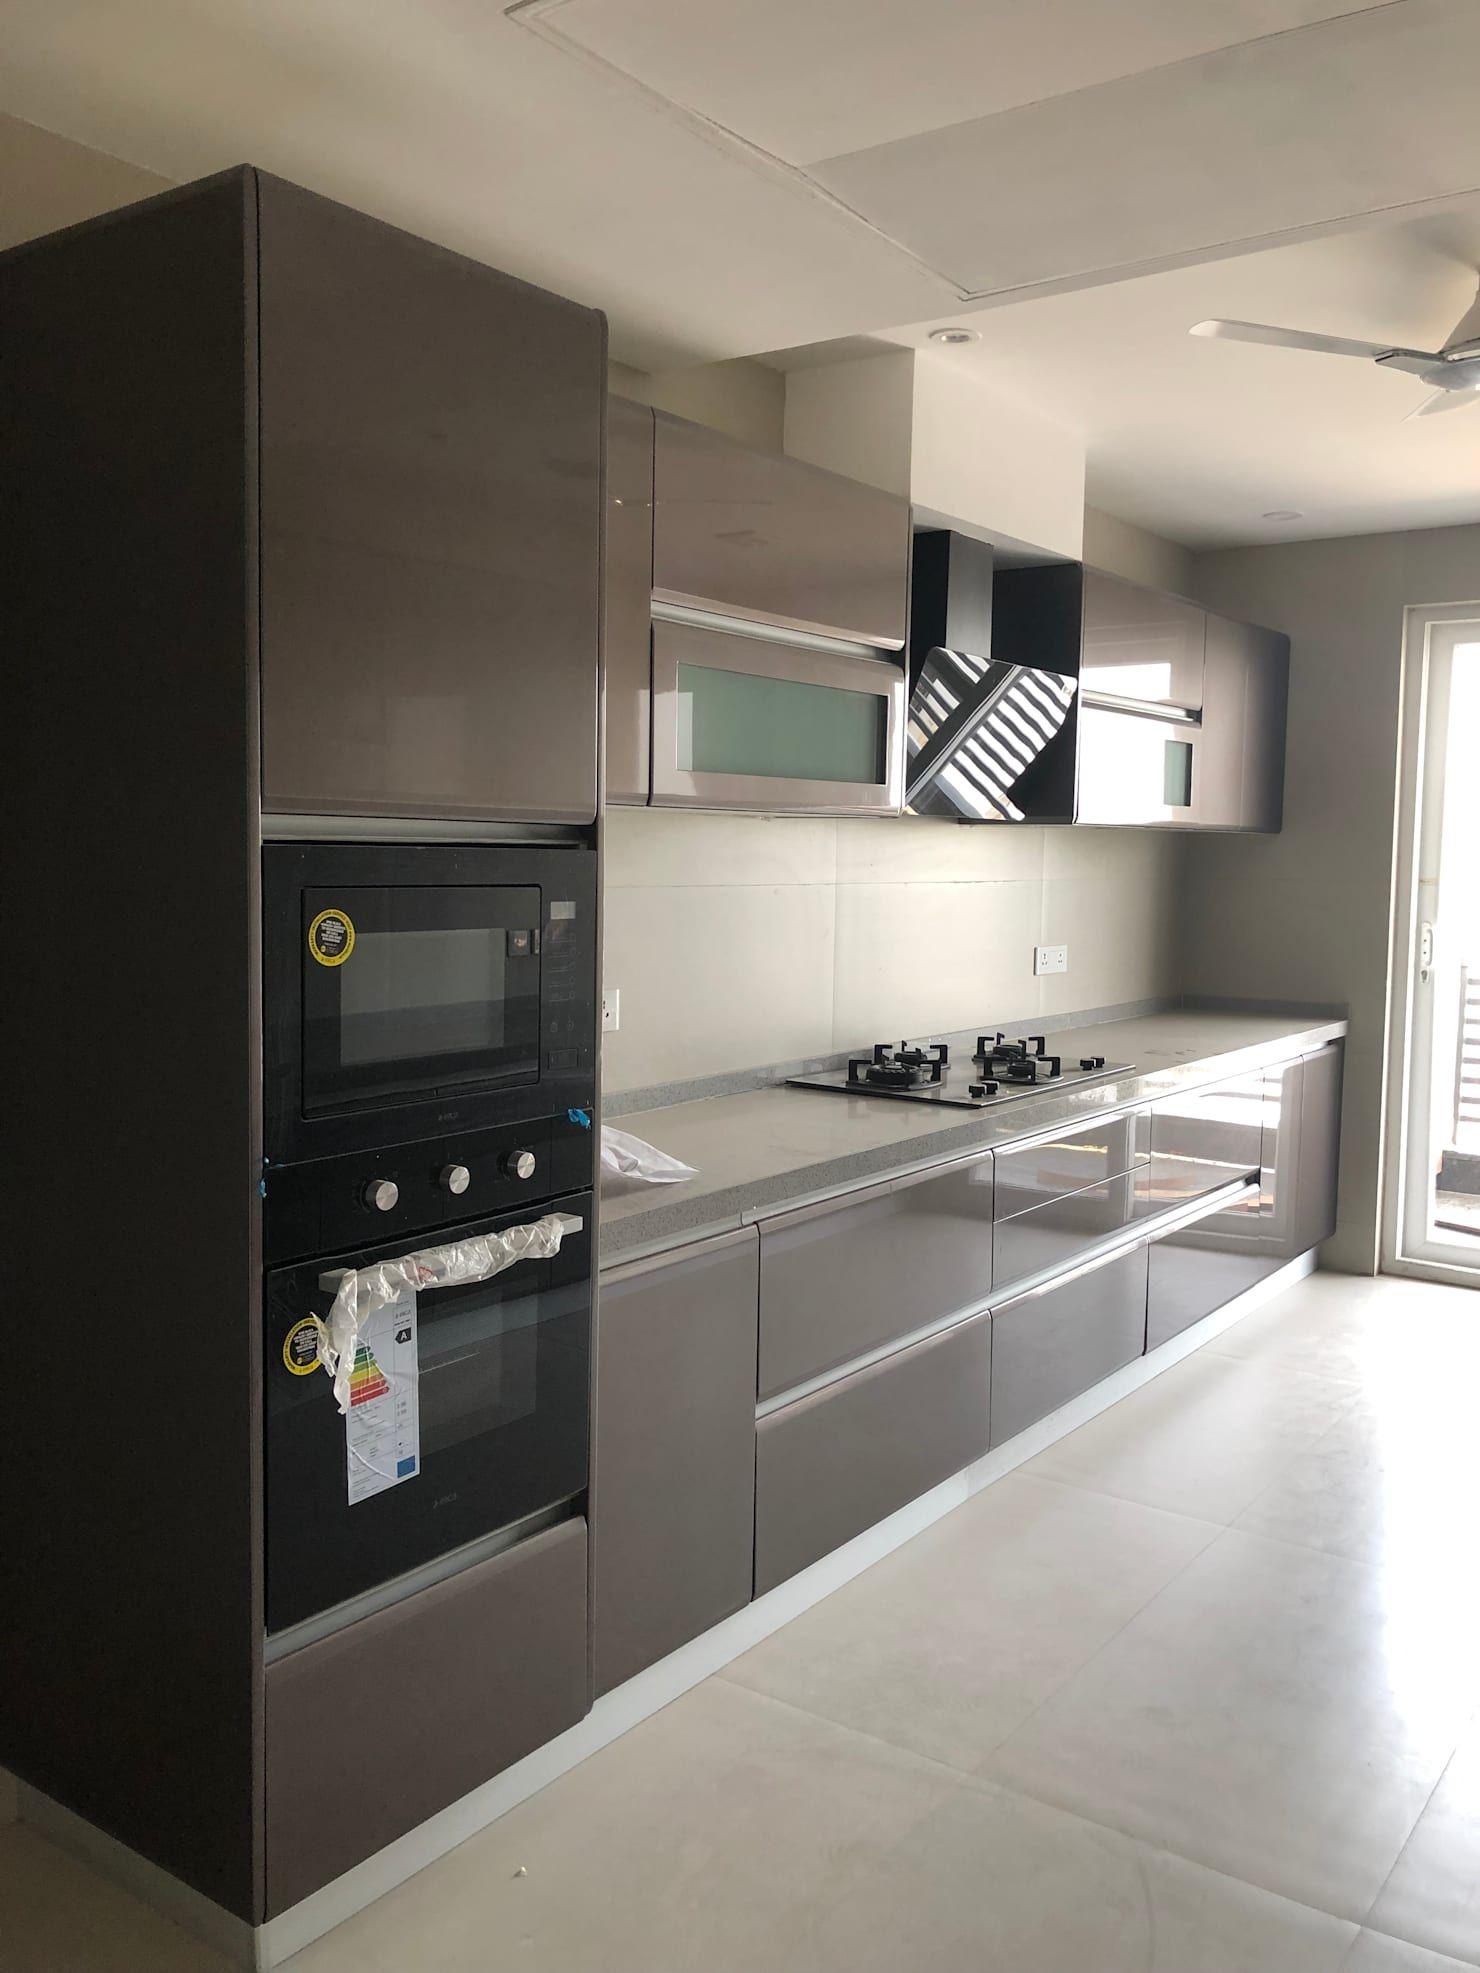 Villa In Dlf Phase 1 Modern Kitchen By The Workroom Modern Kitchen Design Open Latest Kitchen Designs Kitchen Cabinet Accessories